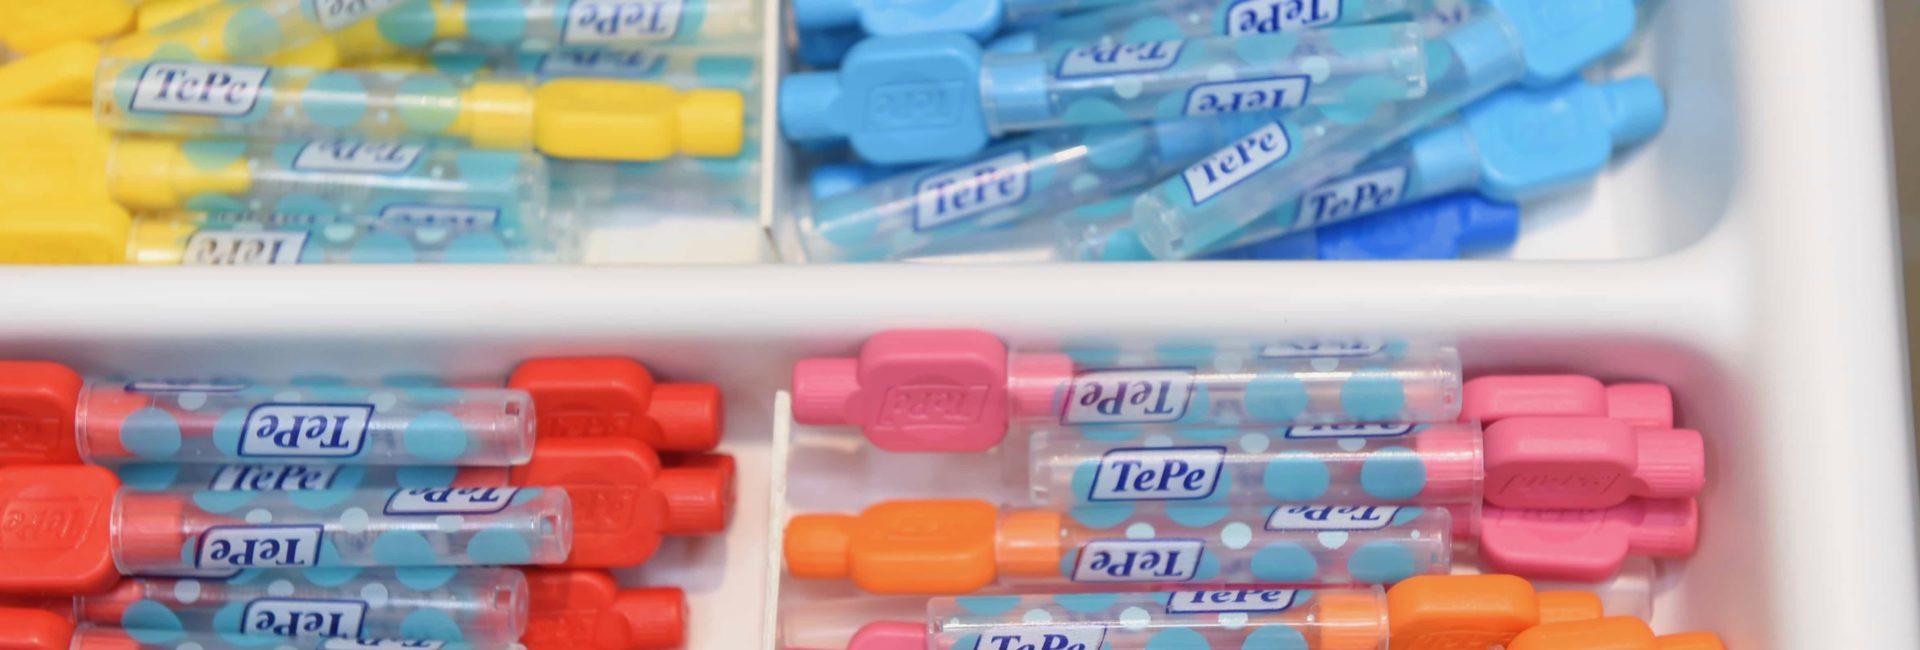 Professionelle Zahnreinigung mit Hilfsmitteln für die Zahnzwischenräume